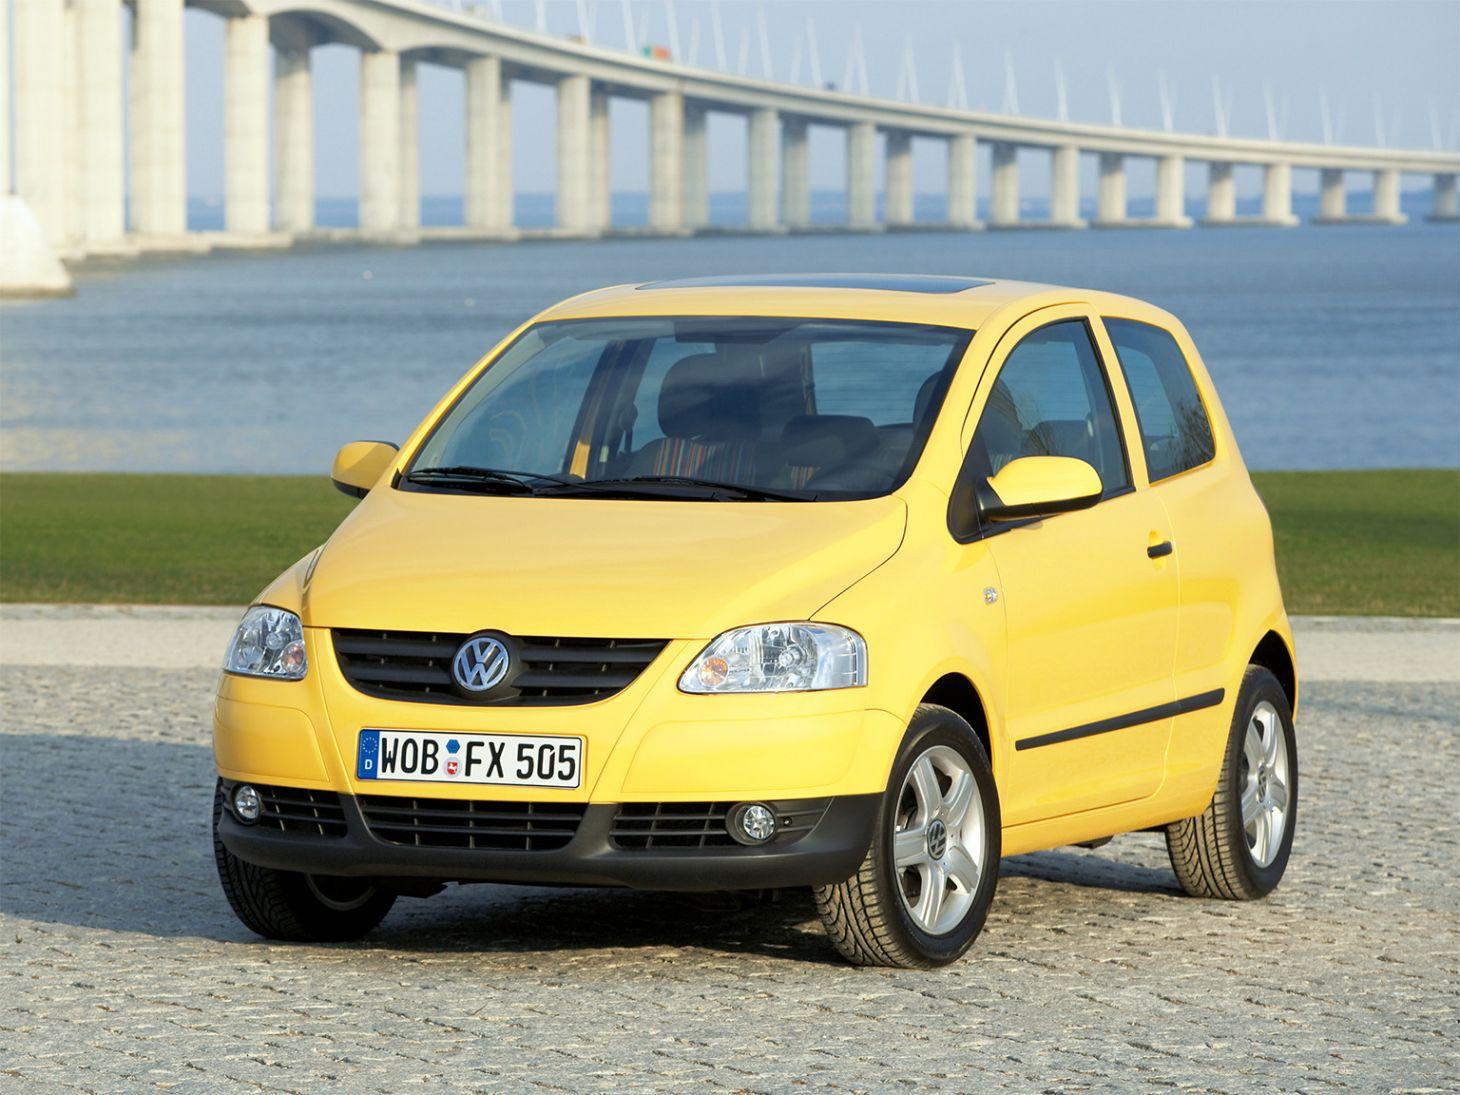 Carros nacionais exportados para países desenvolvidos: Volkswagen Fox